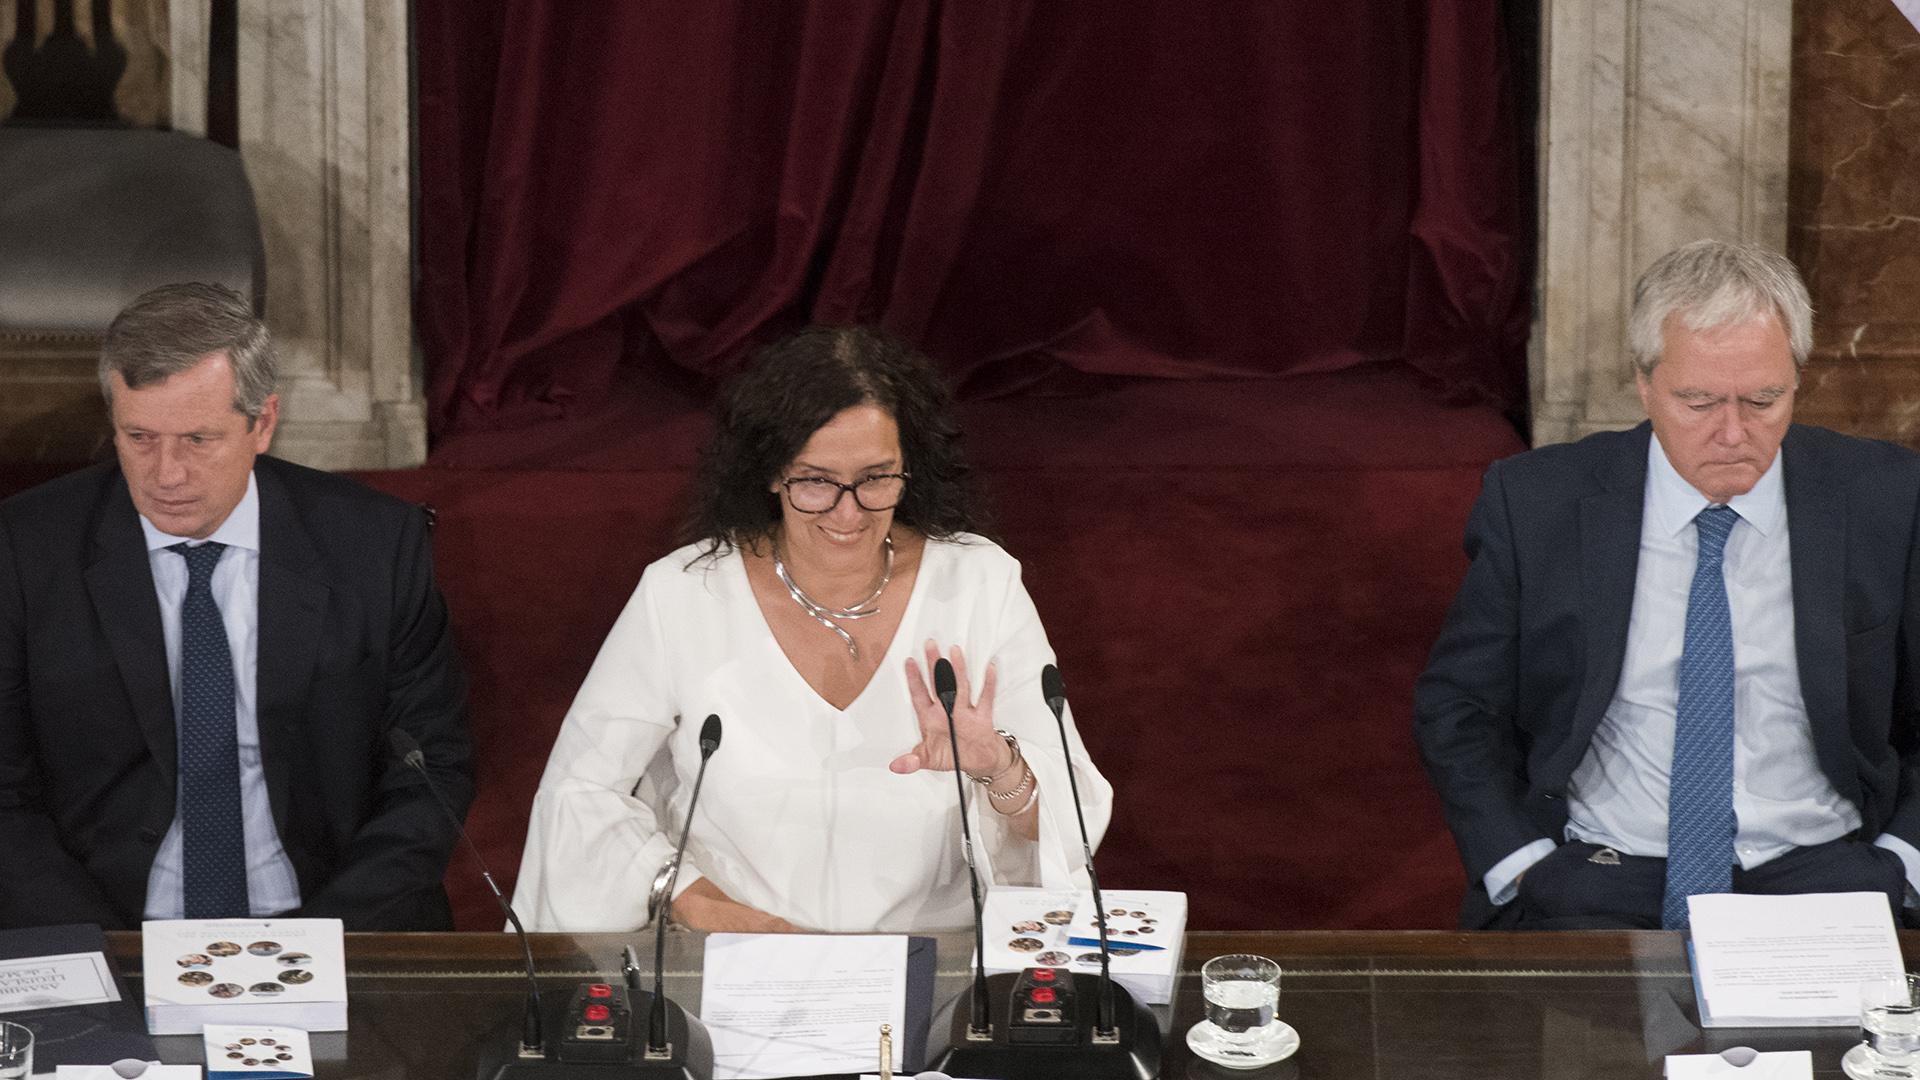 La Vicepresidente, escoltada por Monzó y Pinedo, en la apertura de la sesión